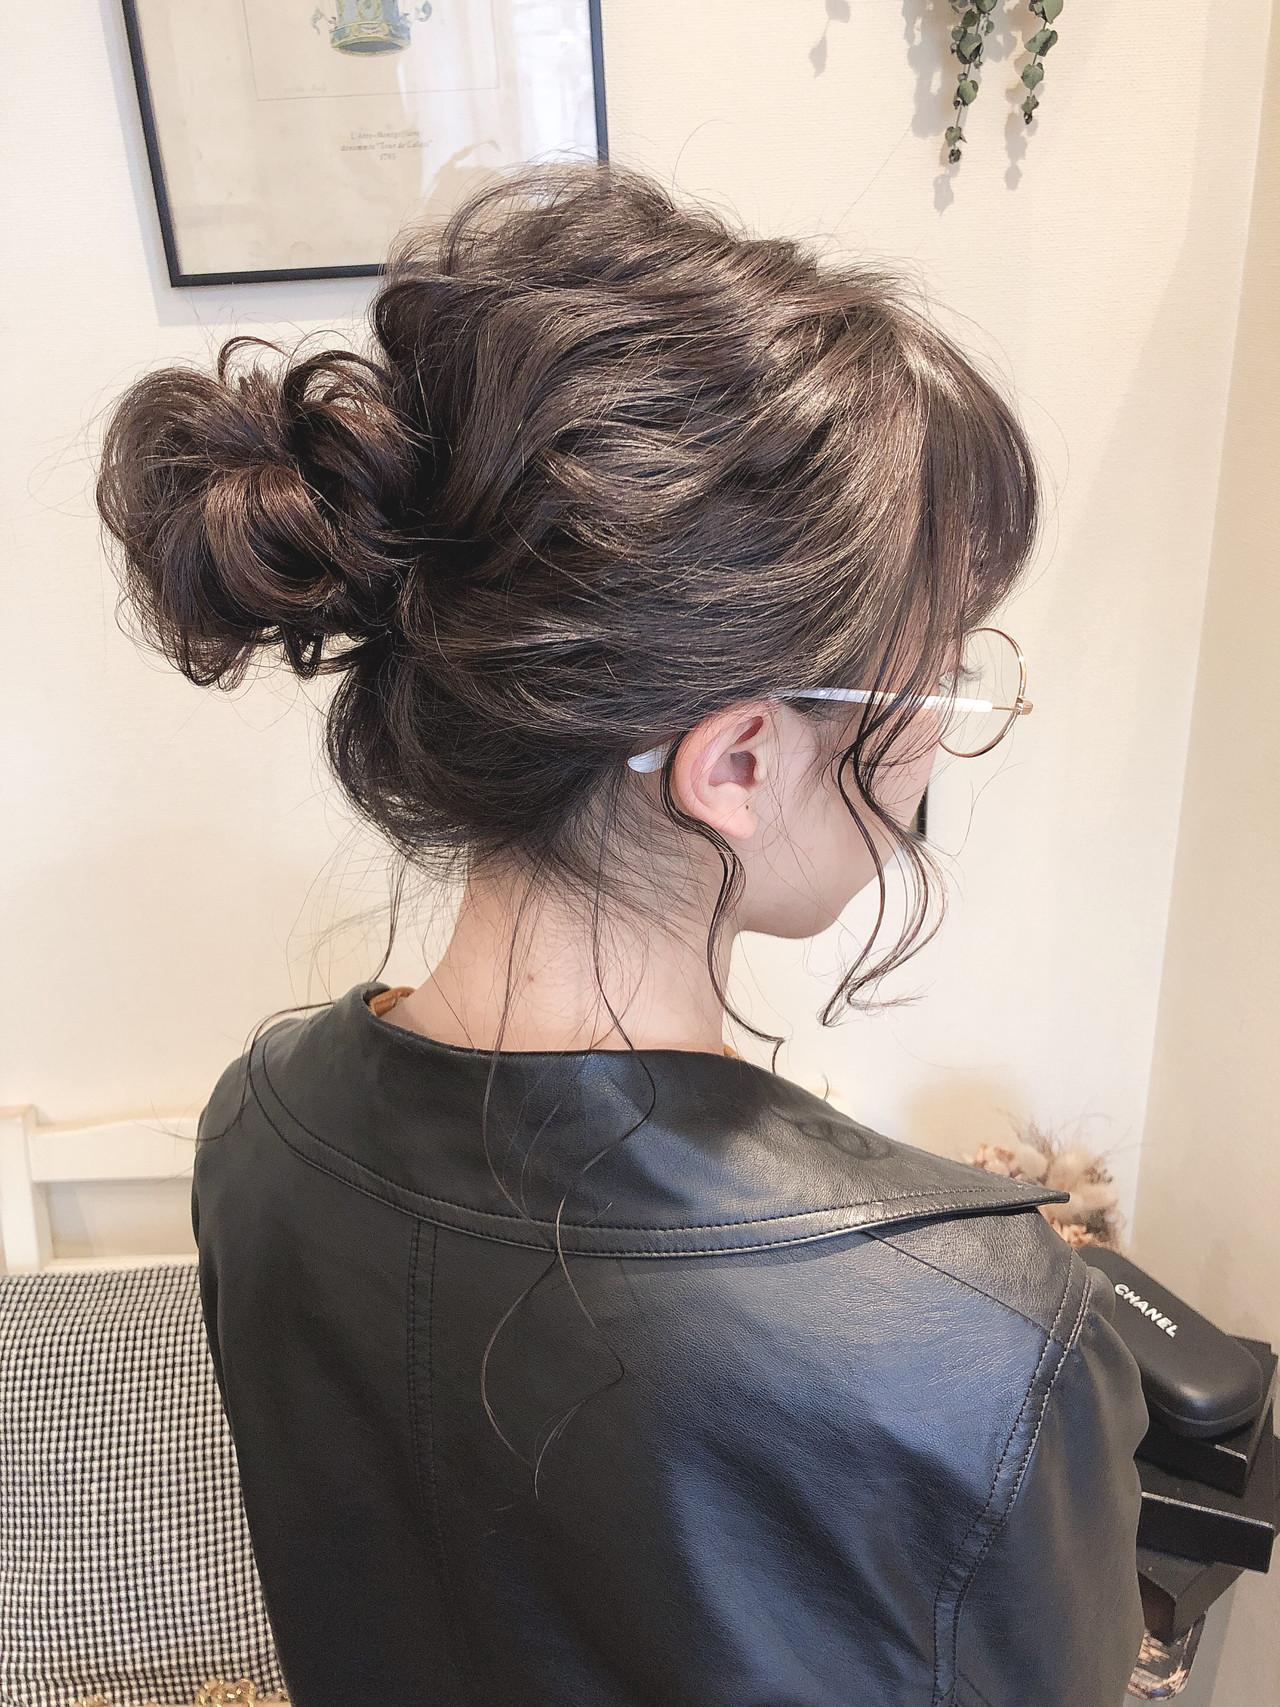 ナチュラル ゆるふわ お団子アレンジ ミディアム ヘアスタイルや髪型の写真・画像